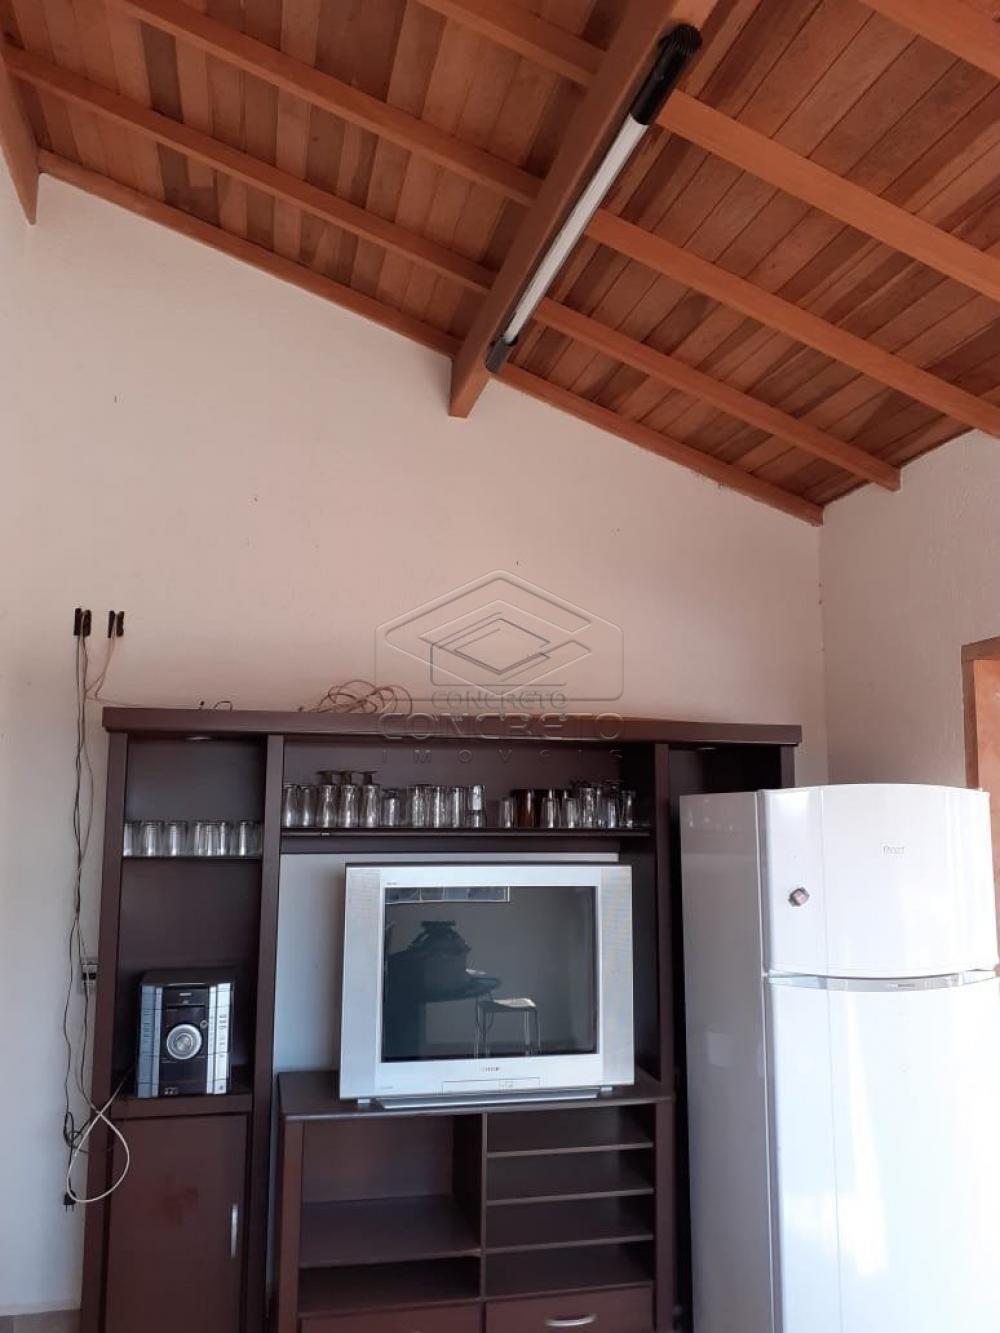 Comprar Casa / Padrão em Sao Manuel apenas R$ 1.250.000,00 - Foto 26